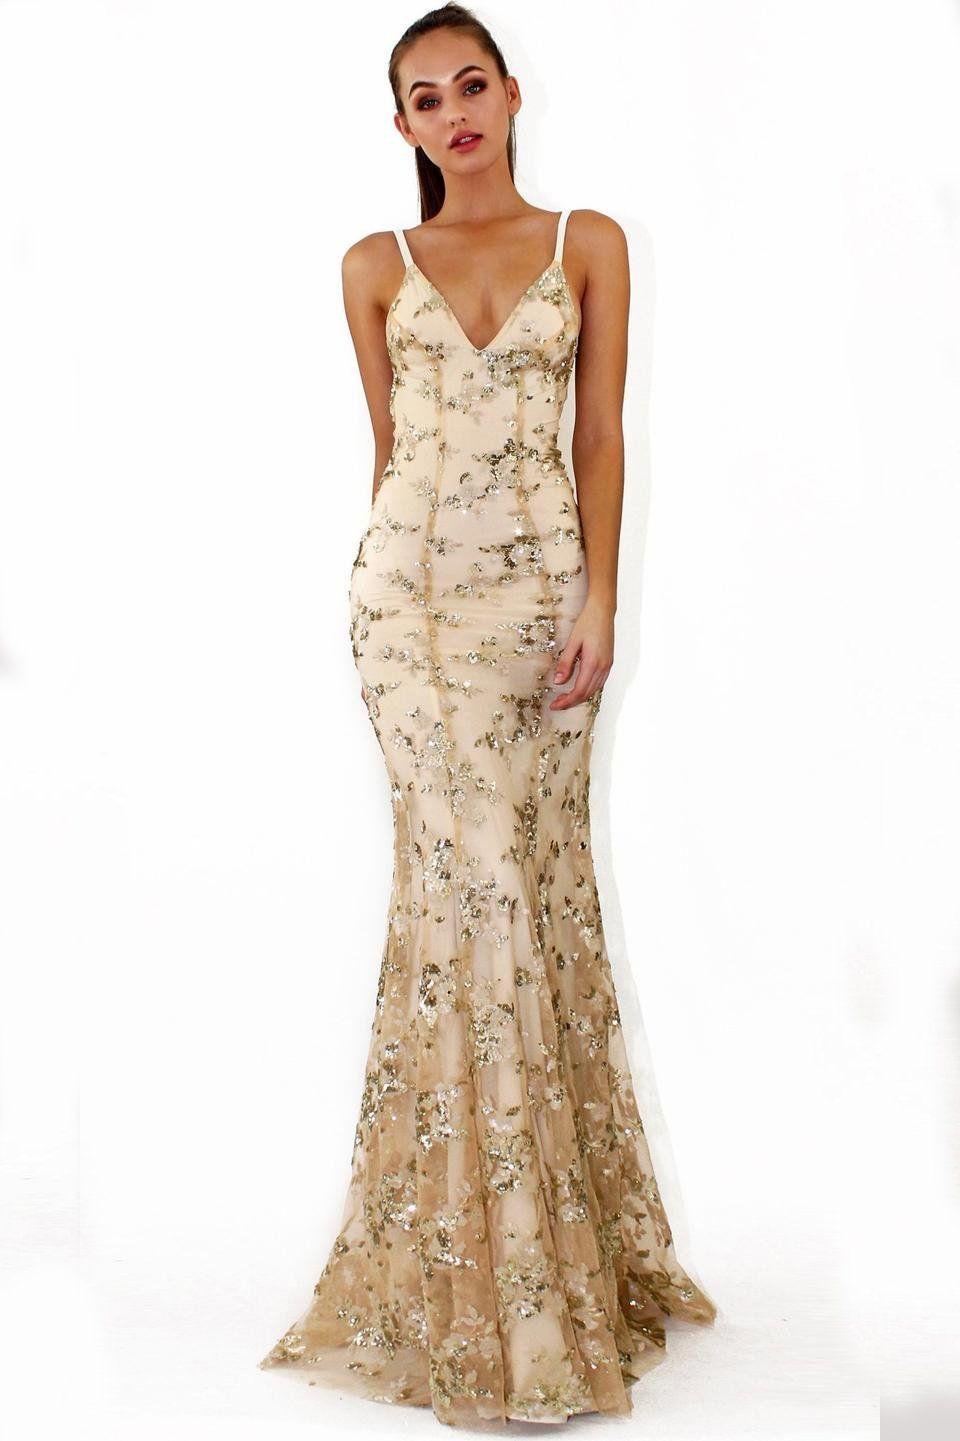 Neutral Evening Dress